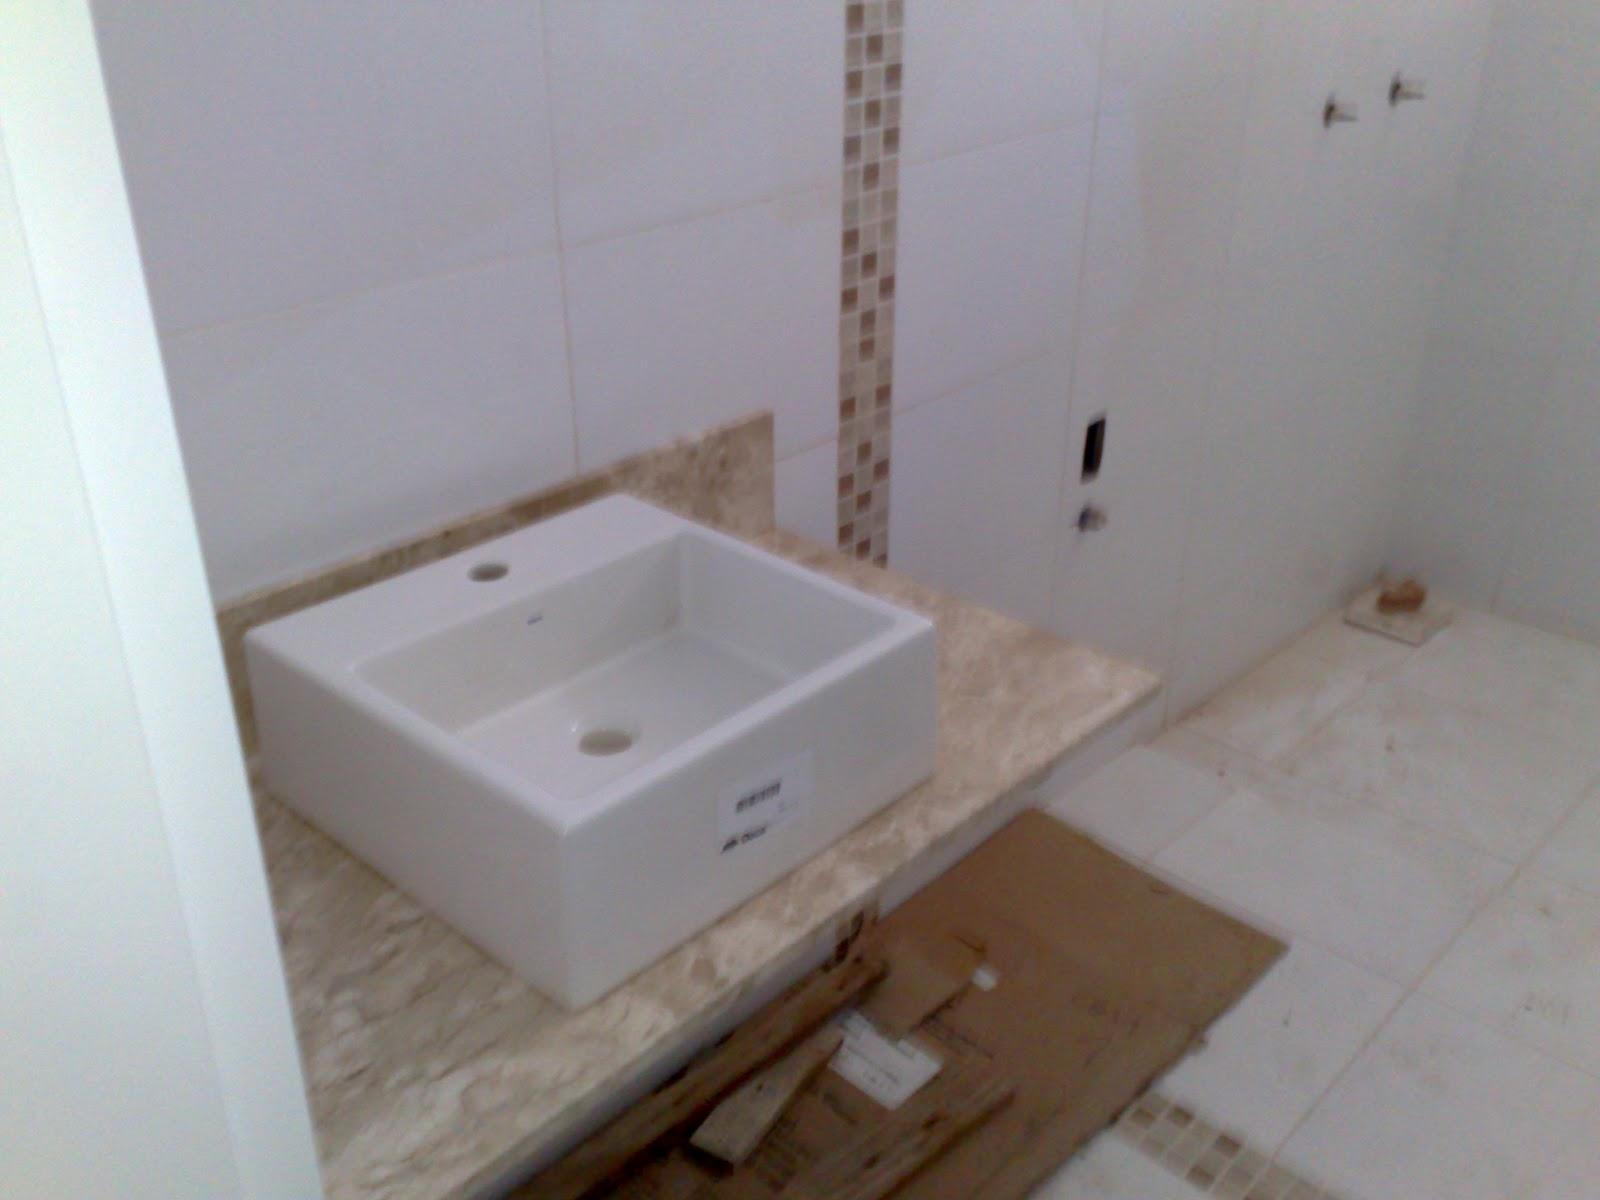 Passo a passo da construção da minha primeira casa #3F2C1E 1600x1200 Bancada Banheiro Marmore Travertino